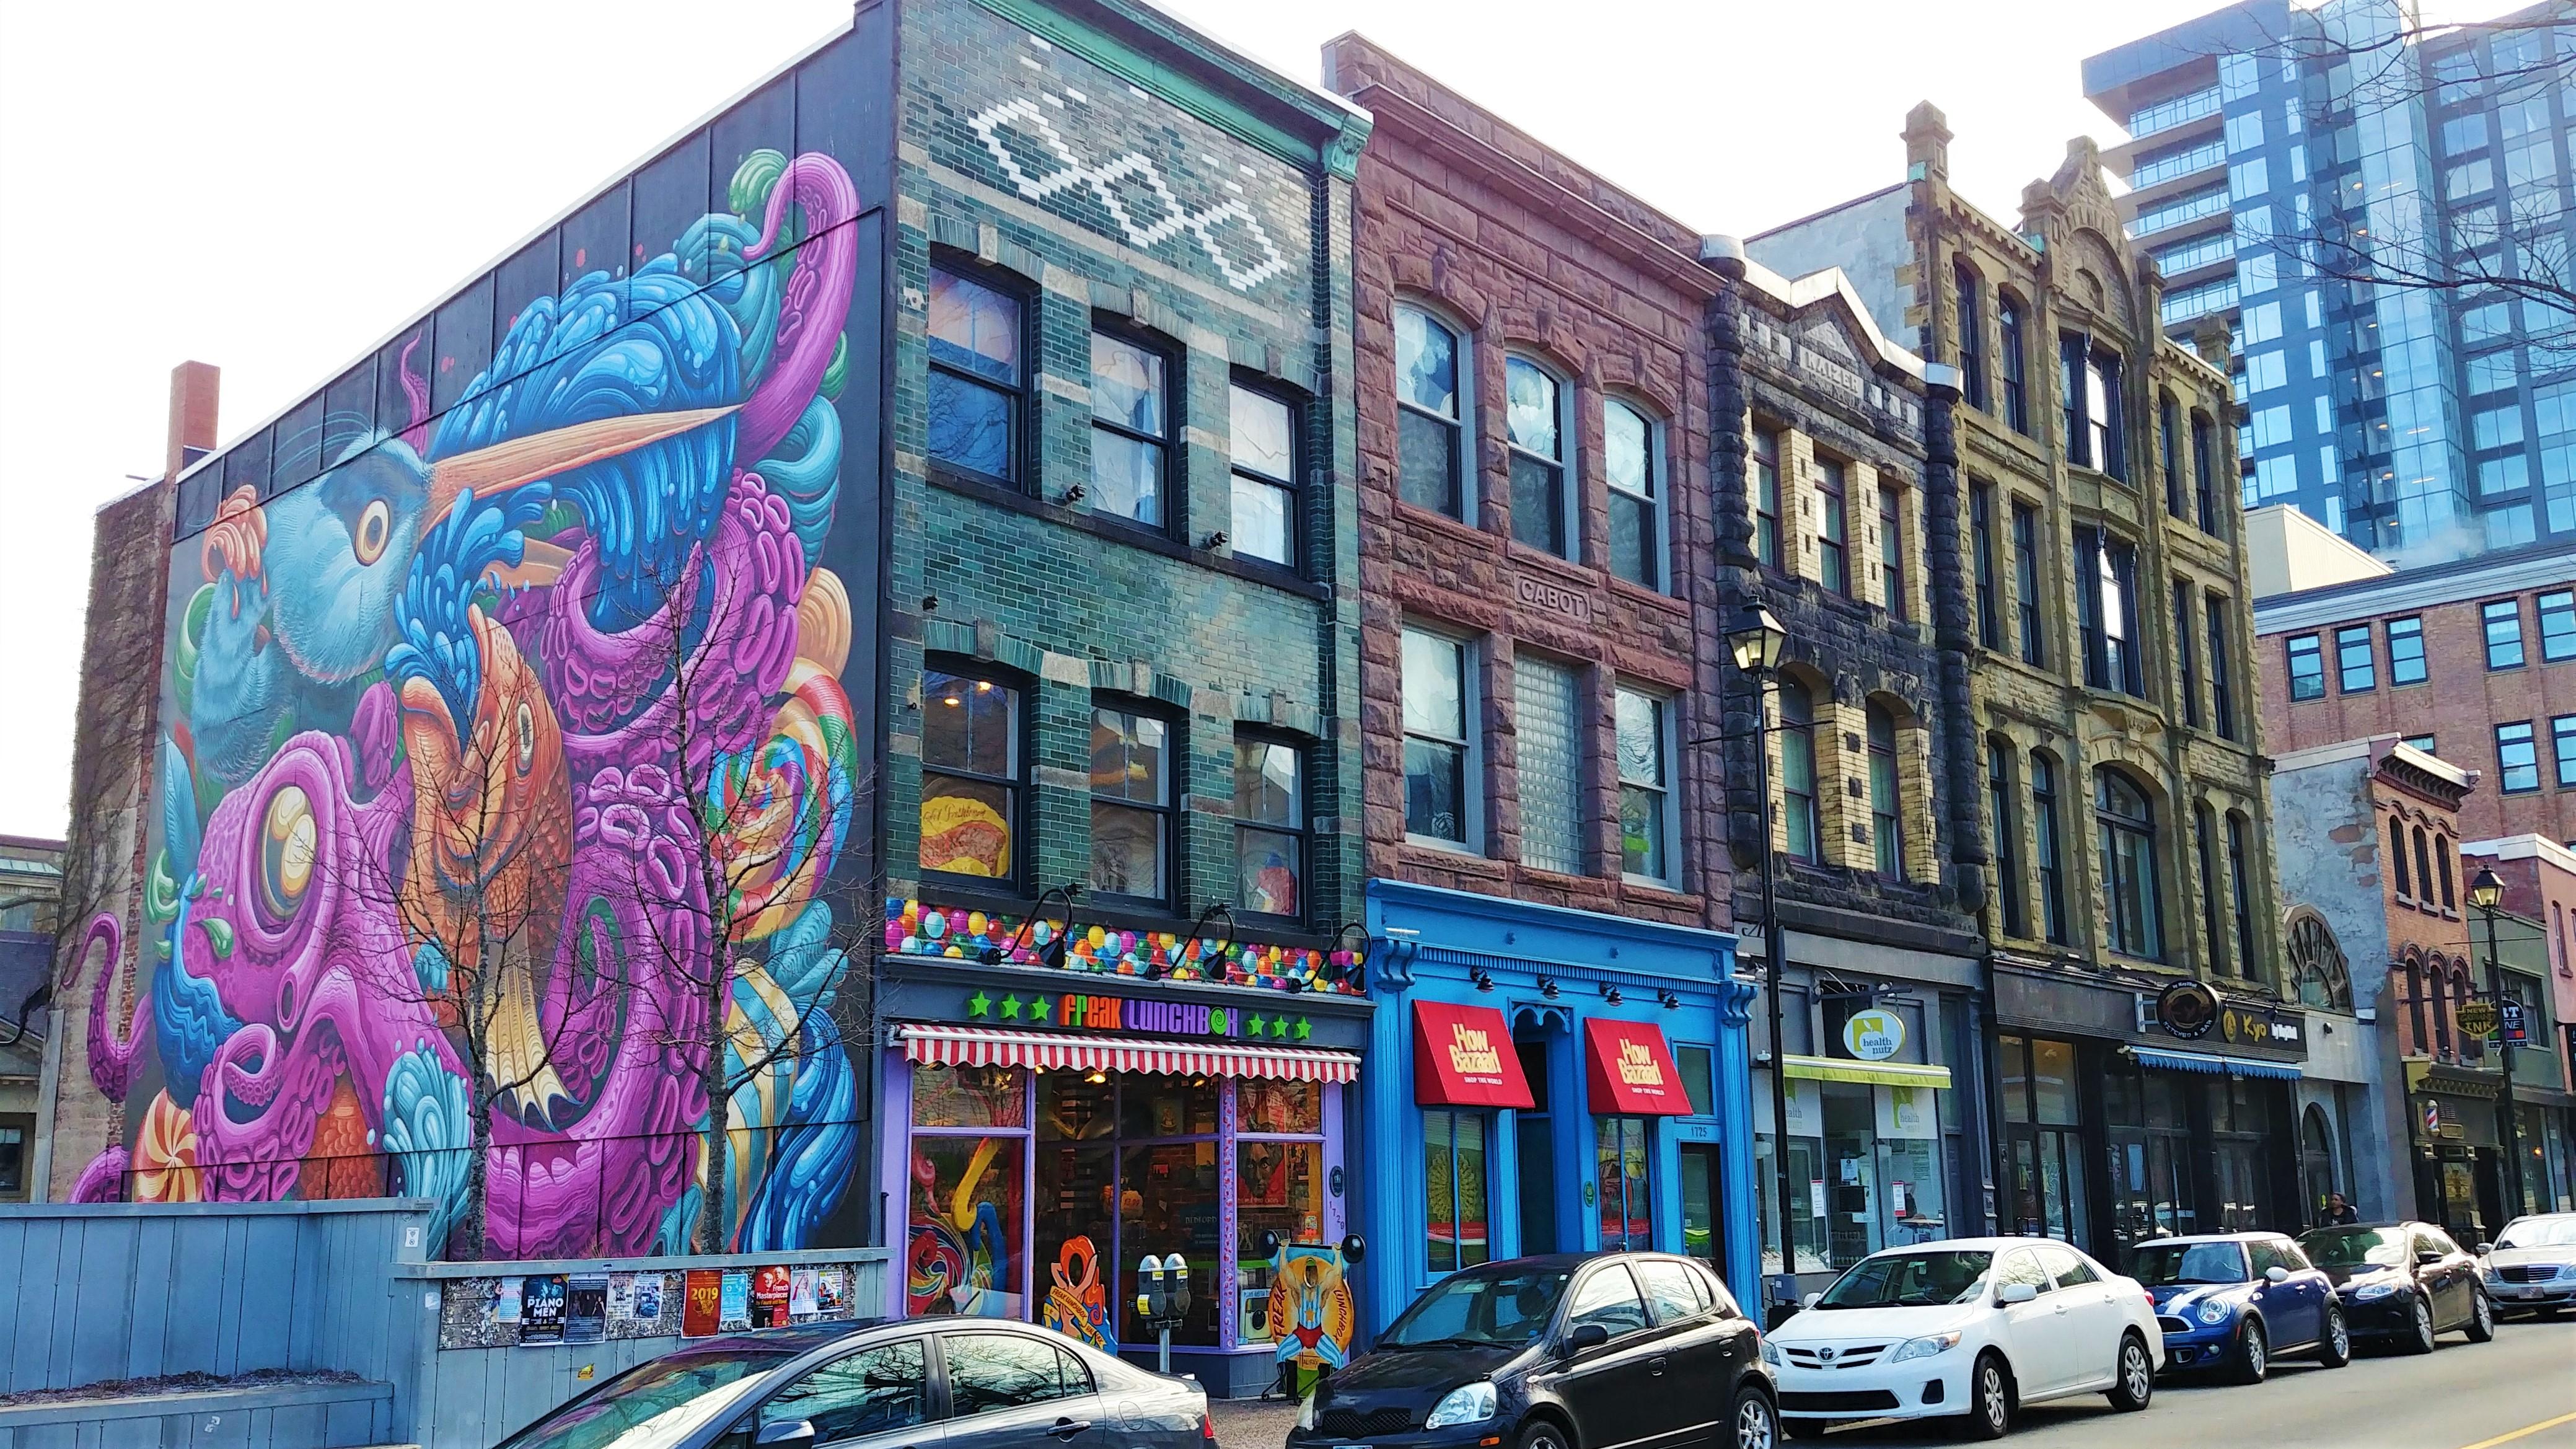 Halifax street art centre-ville que voir escapade voyage nouvelle-ecosse canada